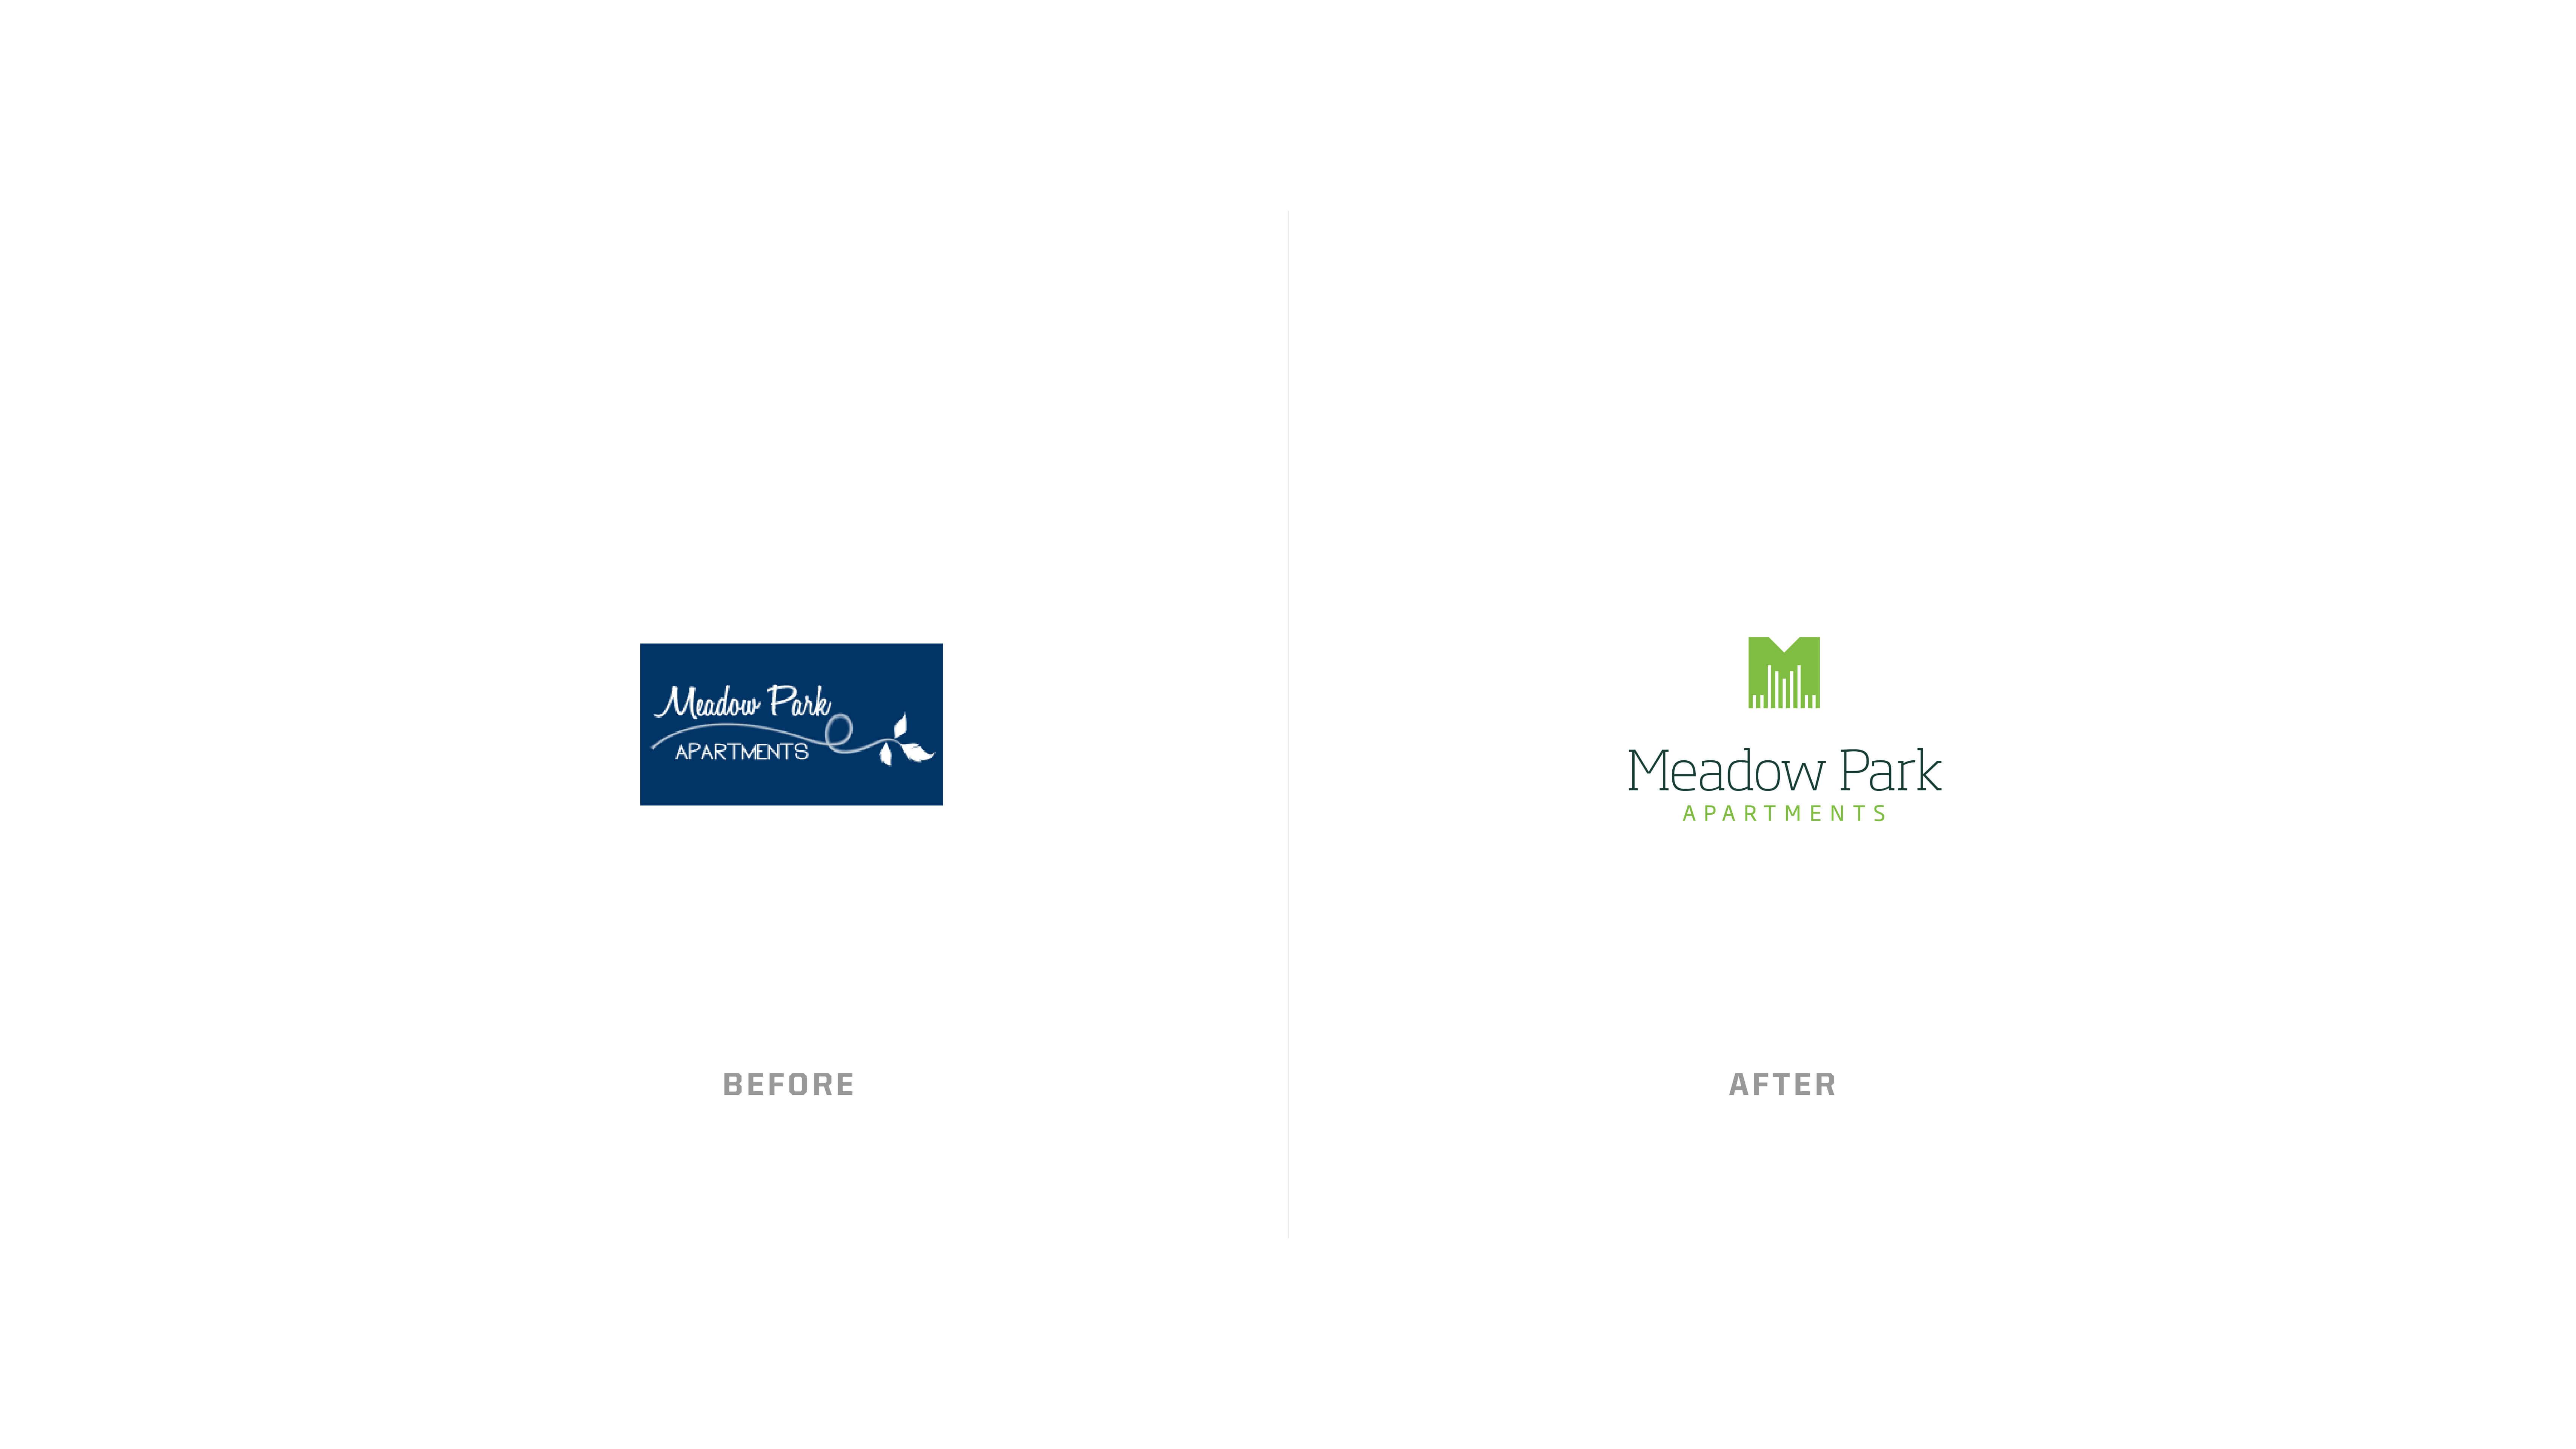 Regency - Meadow Park Apartments - Branding